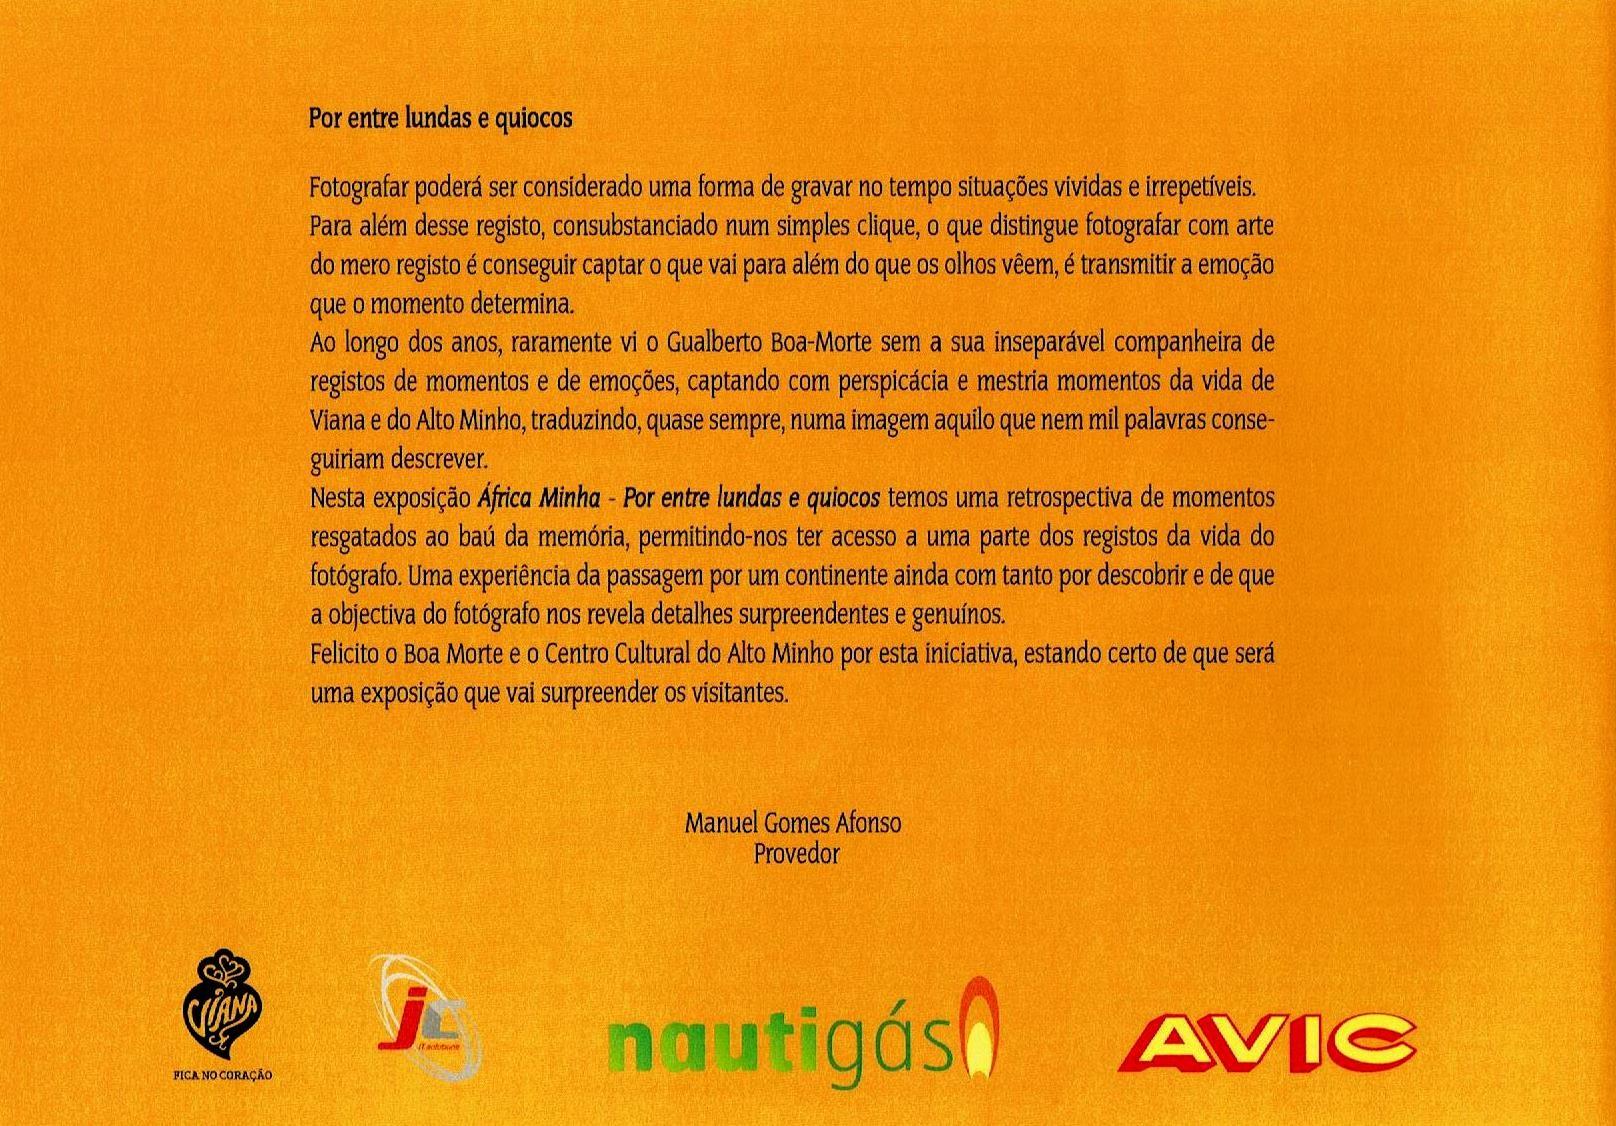 https://sites.google.com/a/centroculturaldoaltominho.org/ccam/actividades-realizadas/2015/realizacoes-actividades/_draft_post/Imagem4.jpeg.jpeg